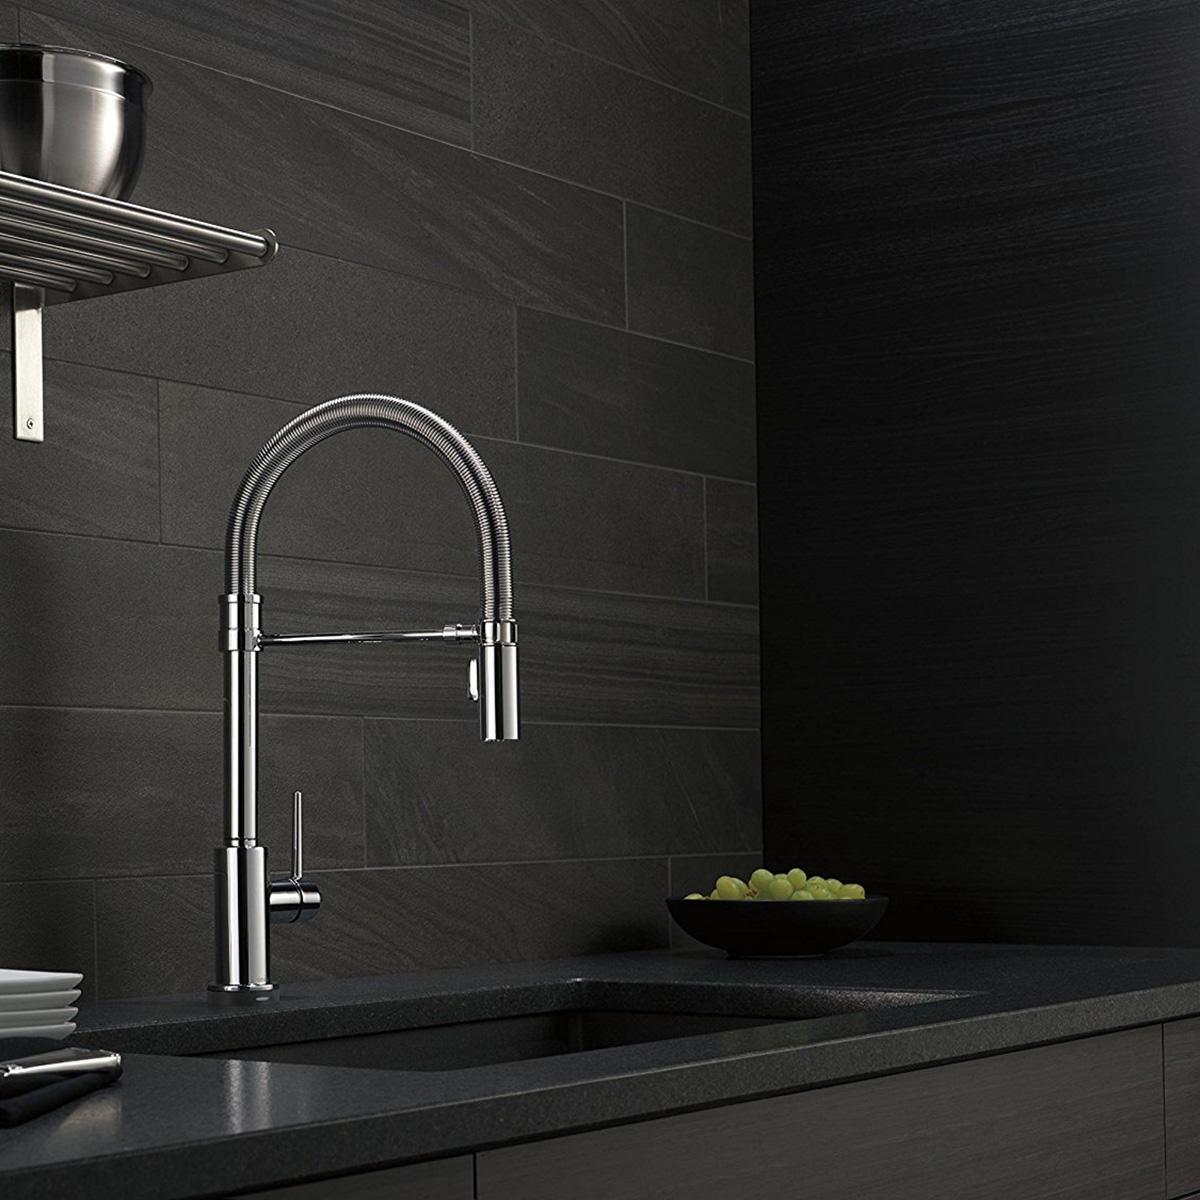 Delta Faucets Trinsic Pro Spring Spout Touch Kitchen Faucet, Chrome ...